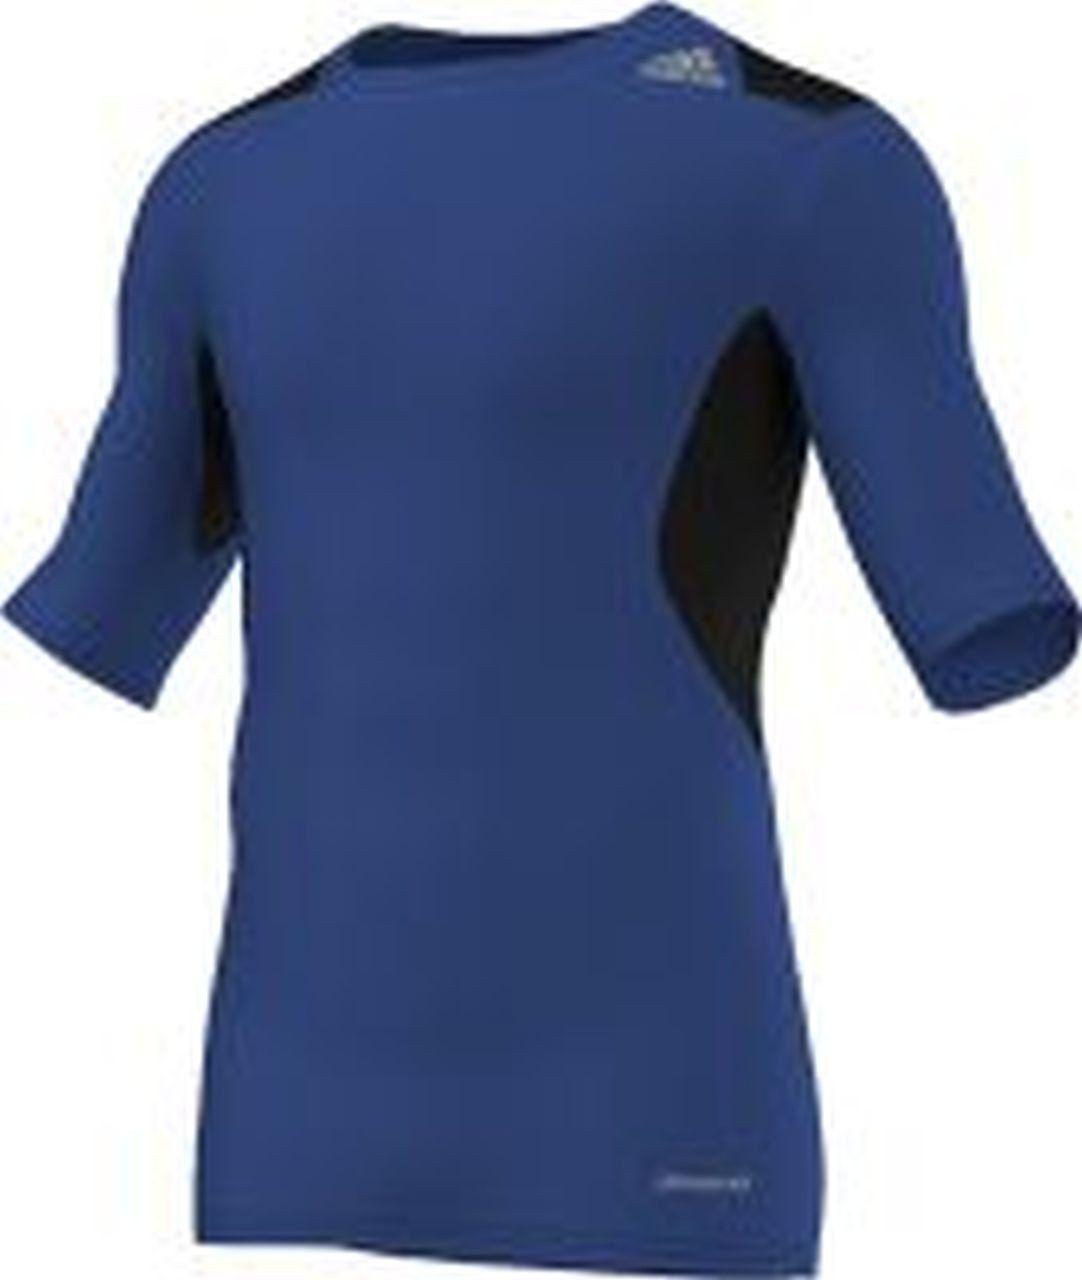 Adidas Techfit Power męska koszulka funkcyjna z krótkim rękawem, niebieski/czarny, S